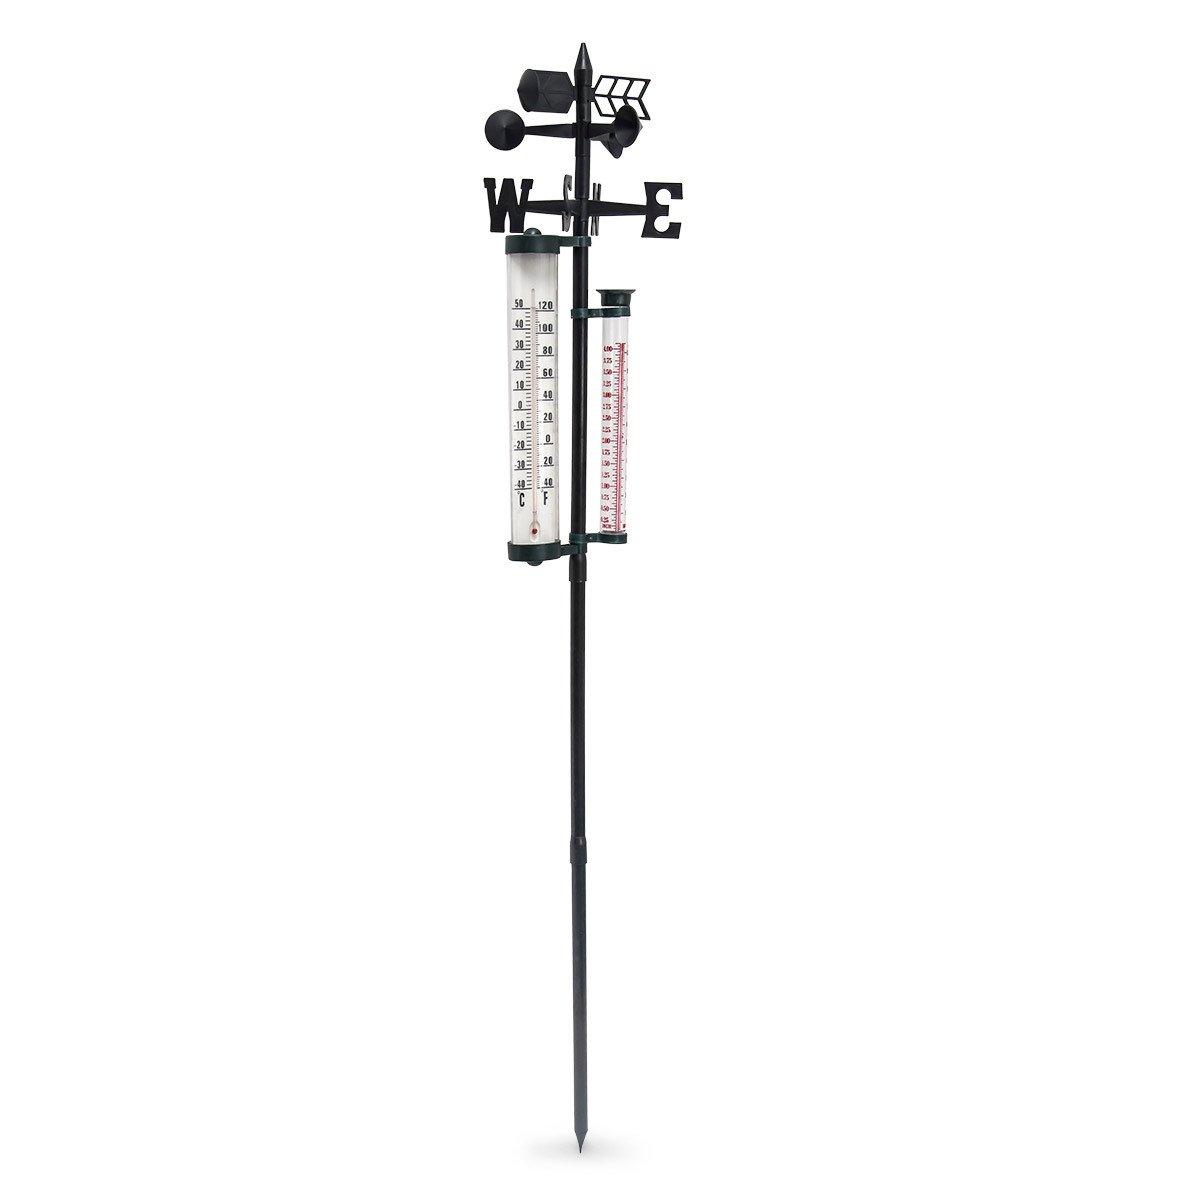 HxBxT: 145 x 24 x 24 cm schwarz Garten /& Balkon Windmesser Thermometer Megaprom Relaxdays Wetterstation analog Regenmesser